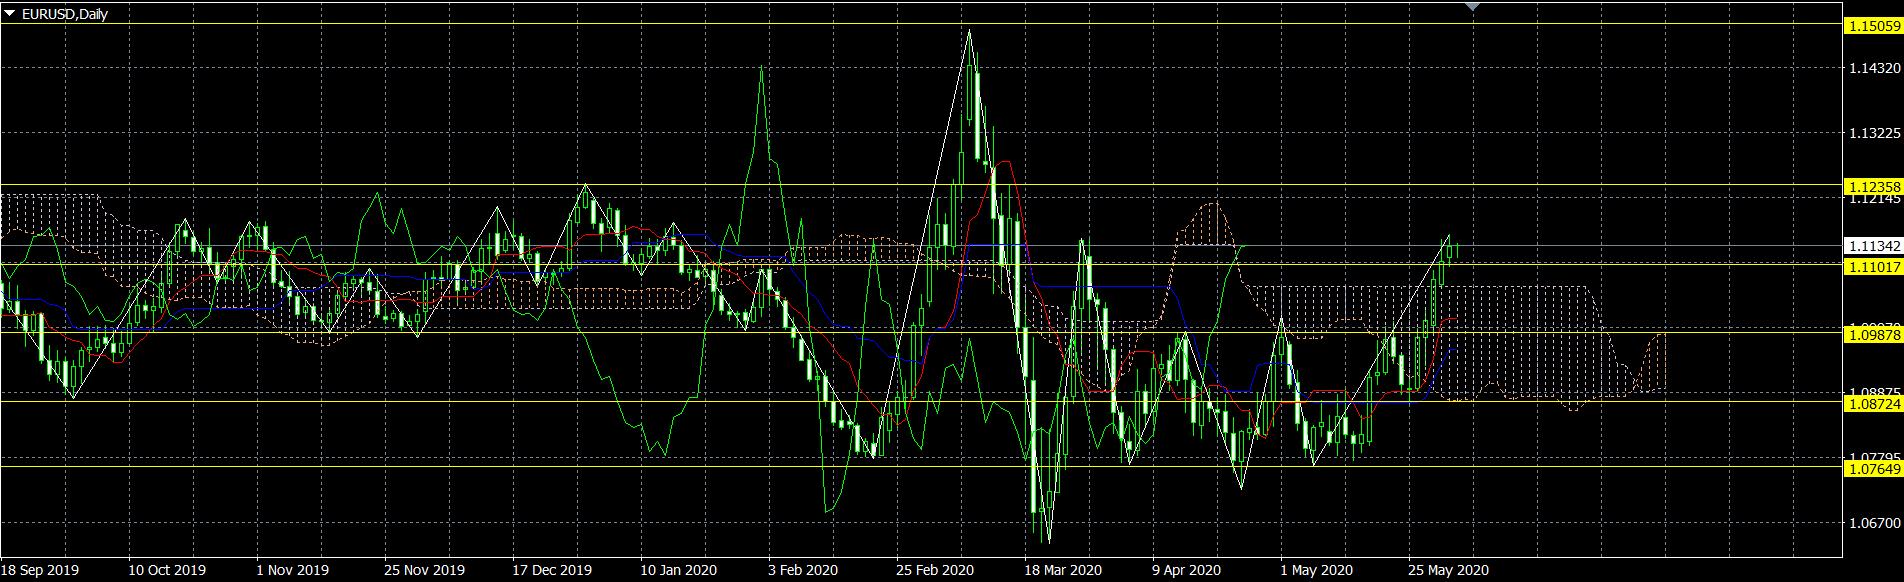 ユーロドル予想見通しチャート20200601